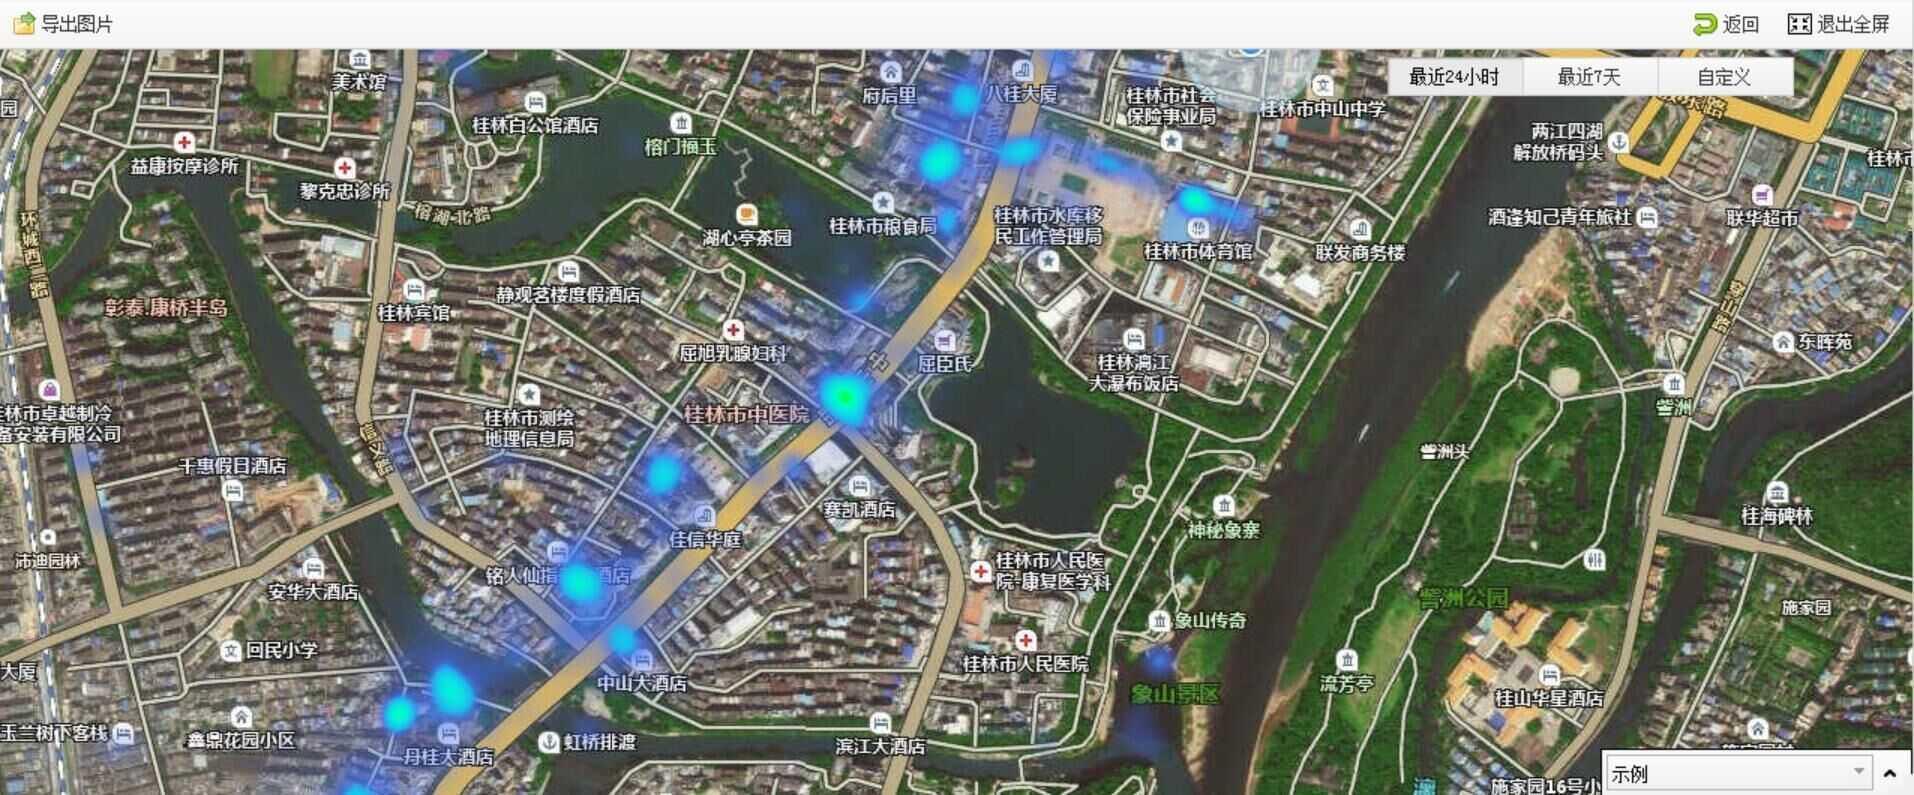 桂林无线城市覆盖图